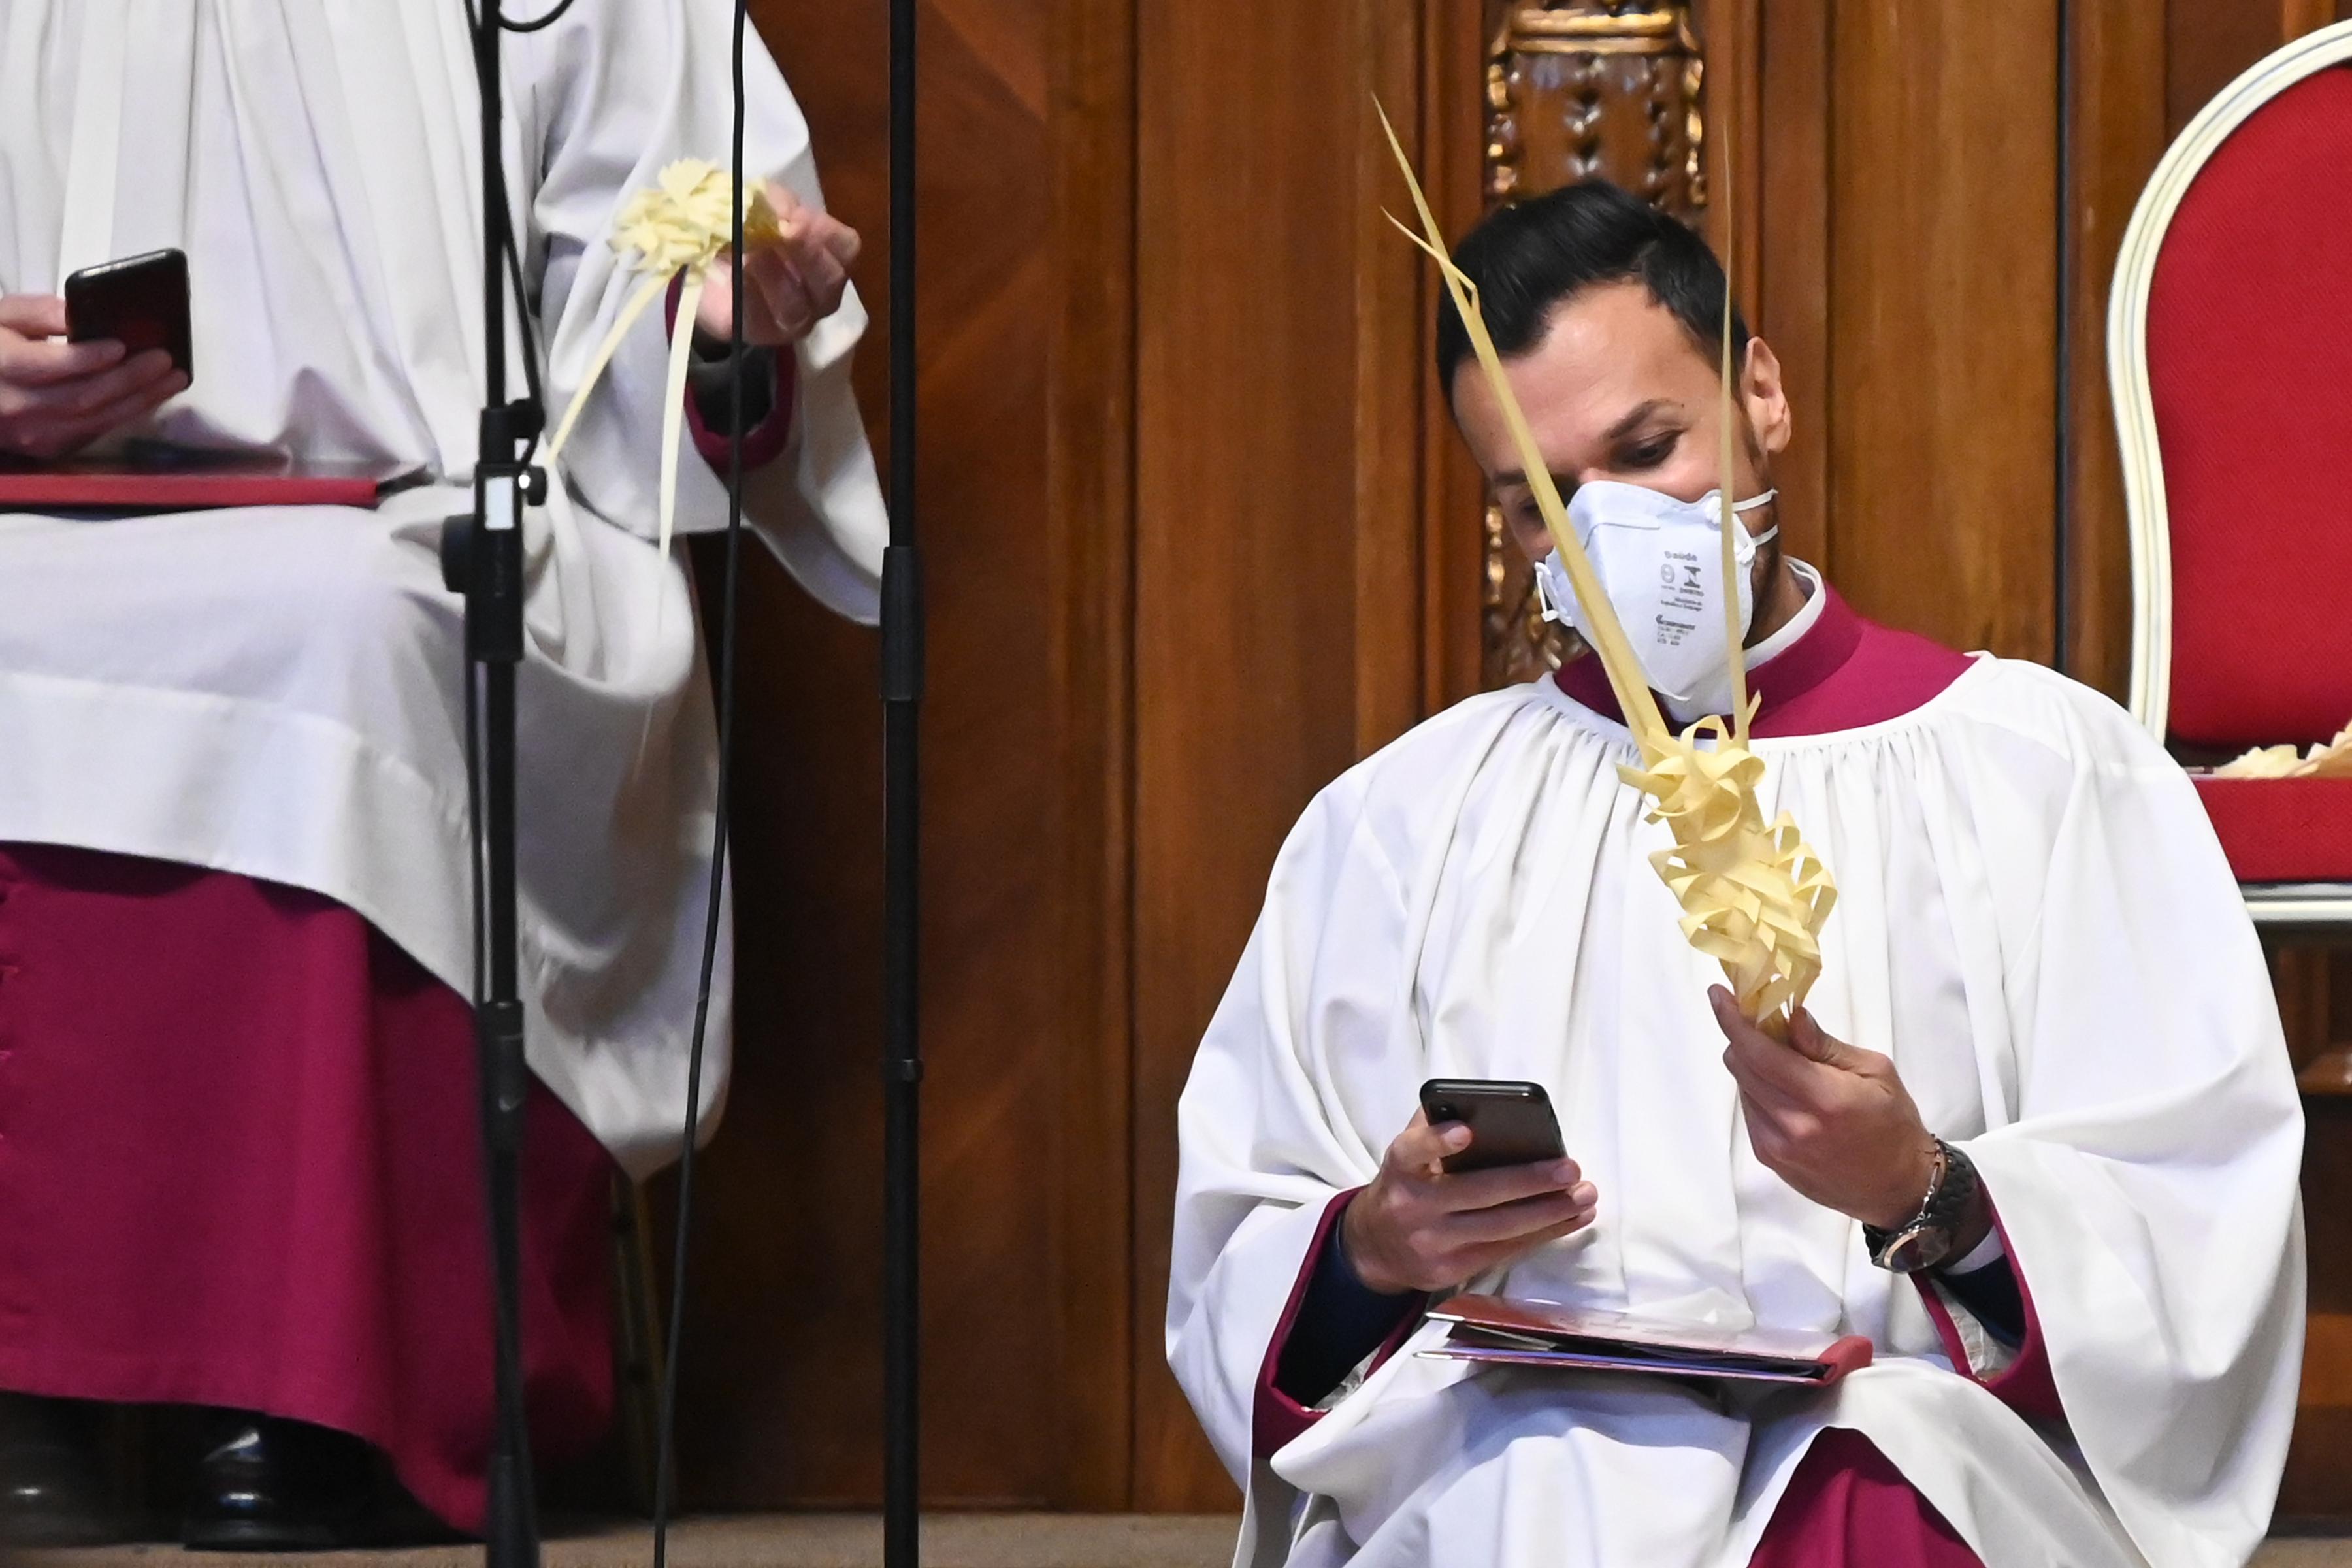 Zárnak a templomok, online misézés lesz